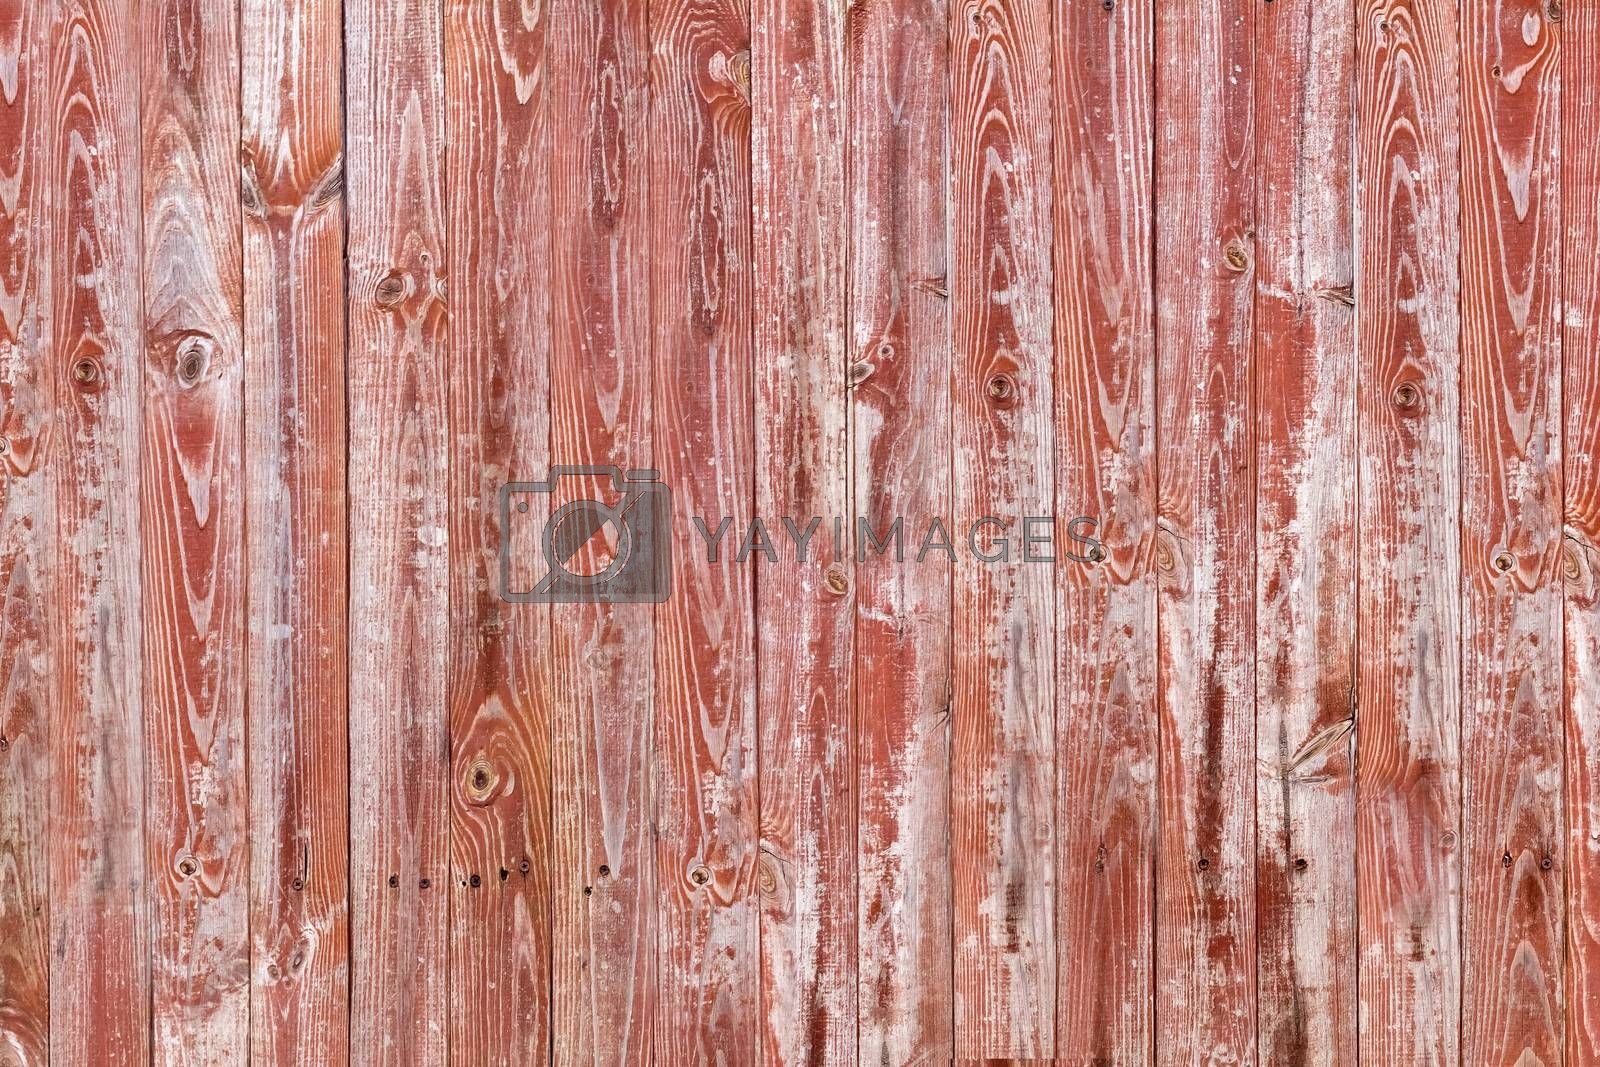 Wooden texture by yelenayemchuk